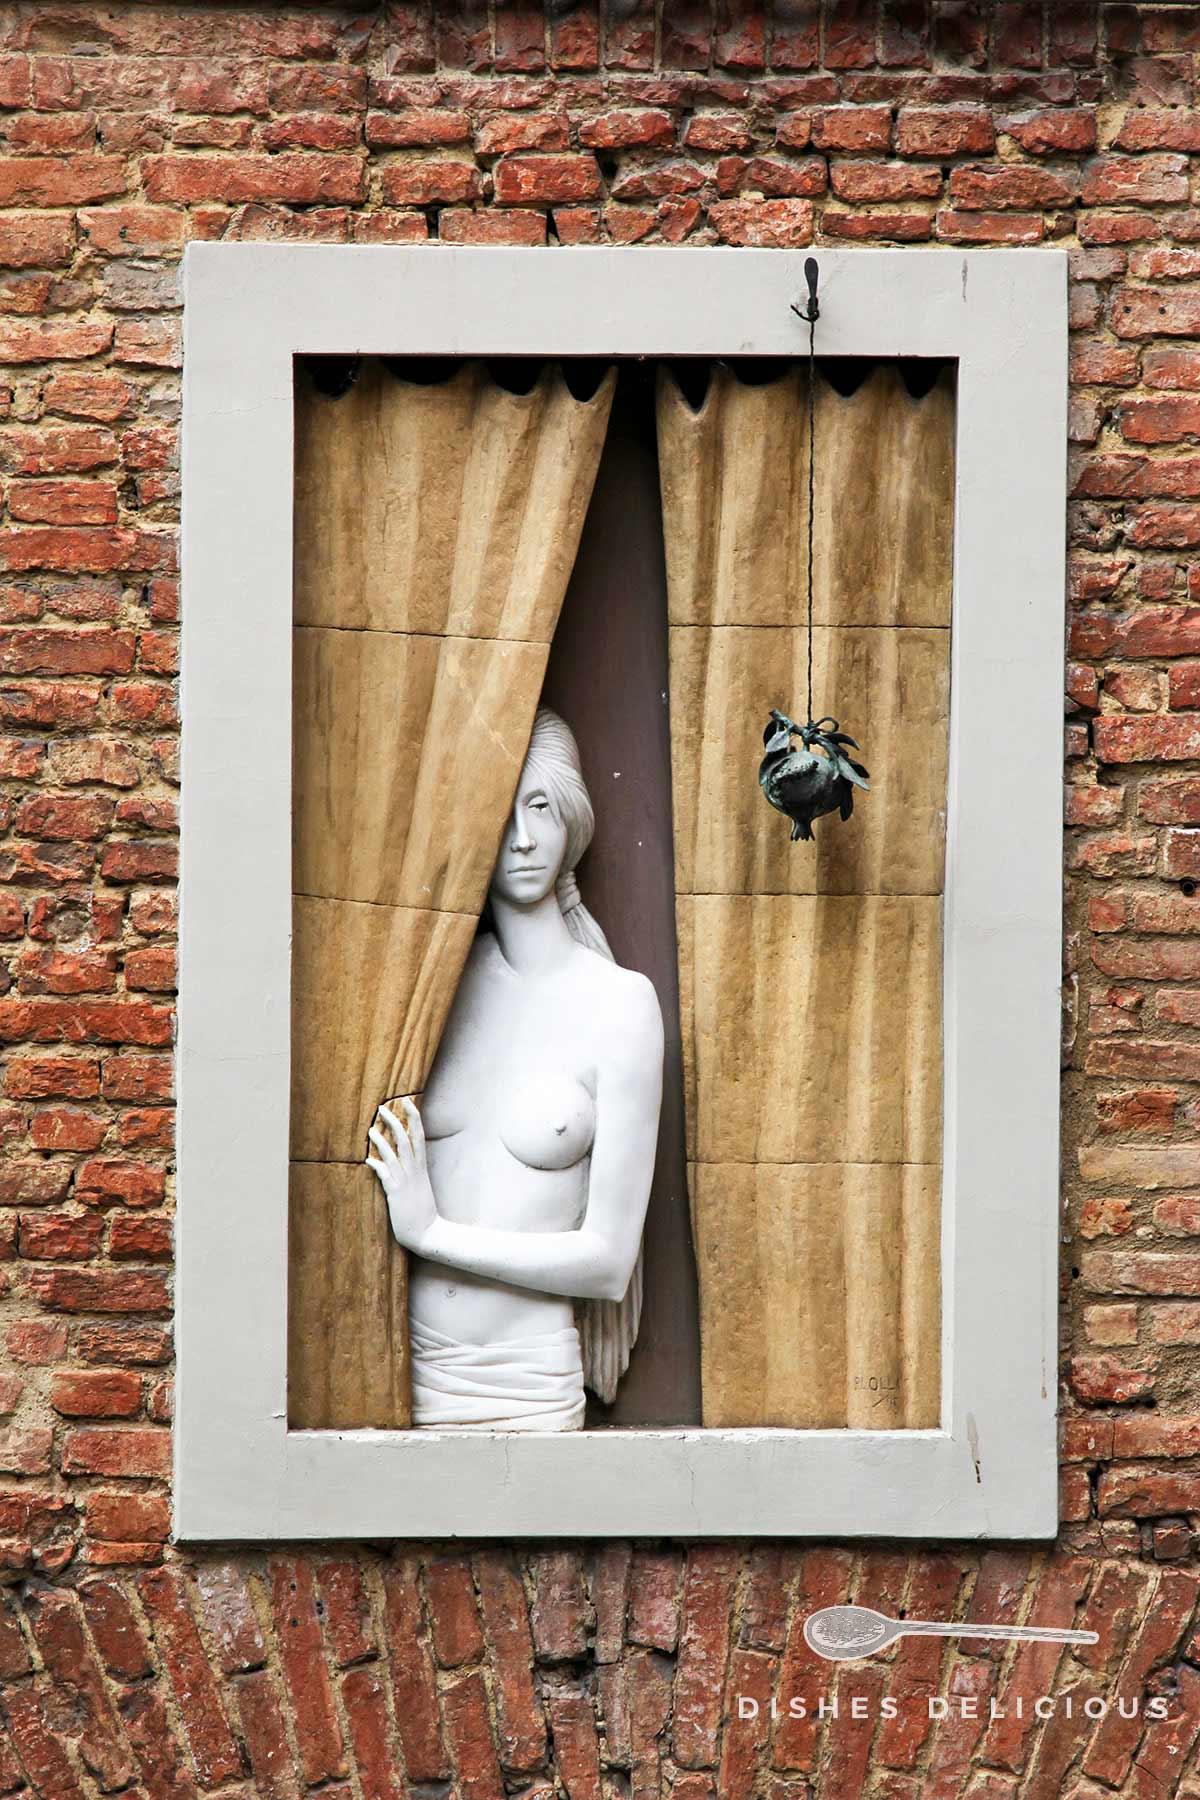 Wandskulptur mit einer Frau, die aus dem Fenster blickt.